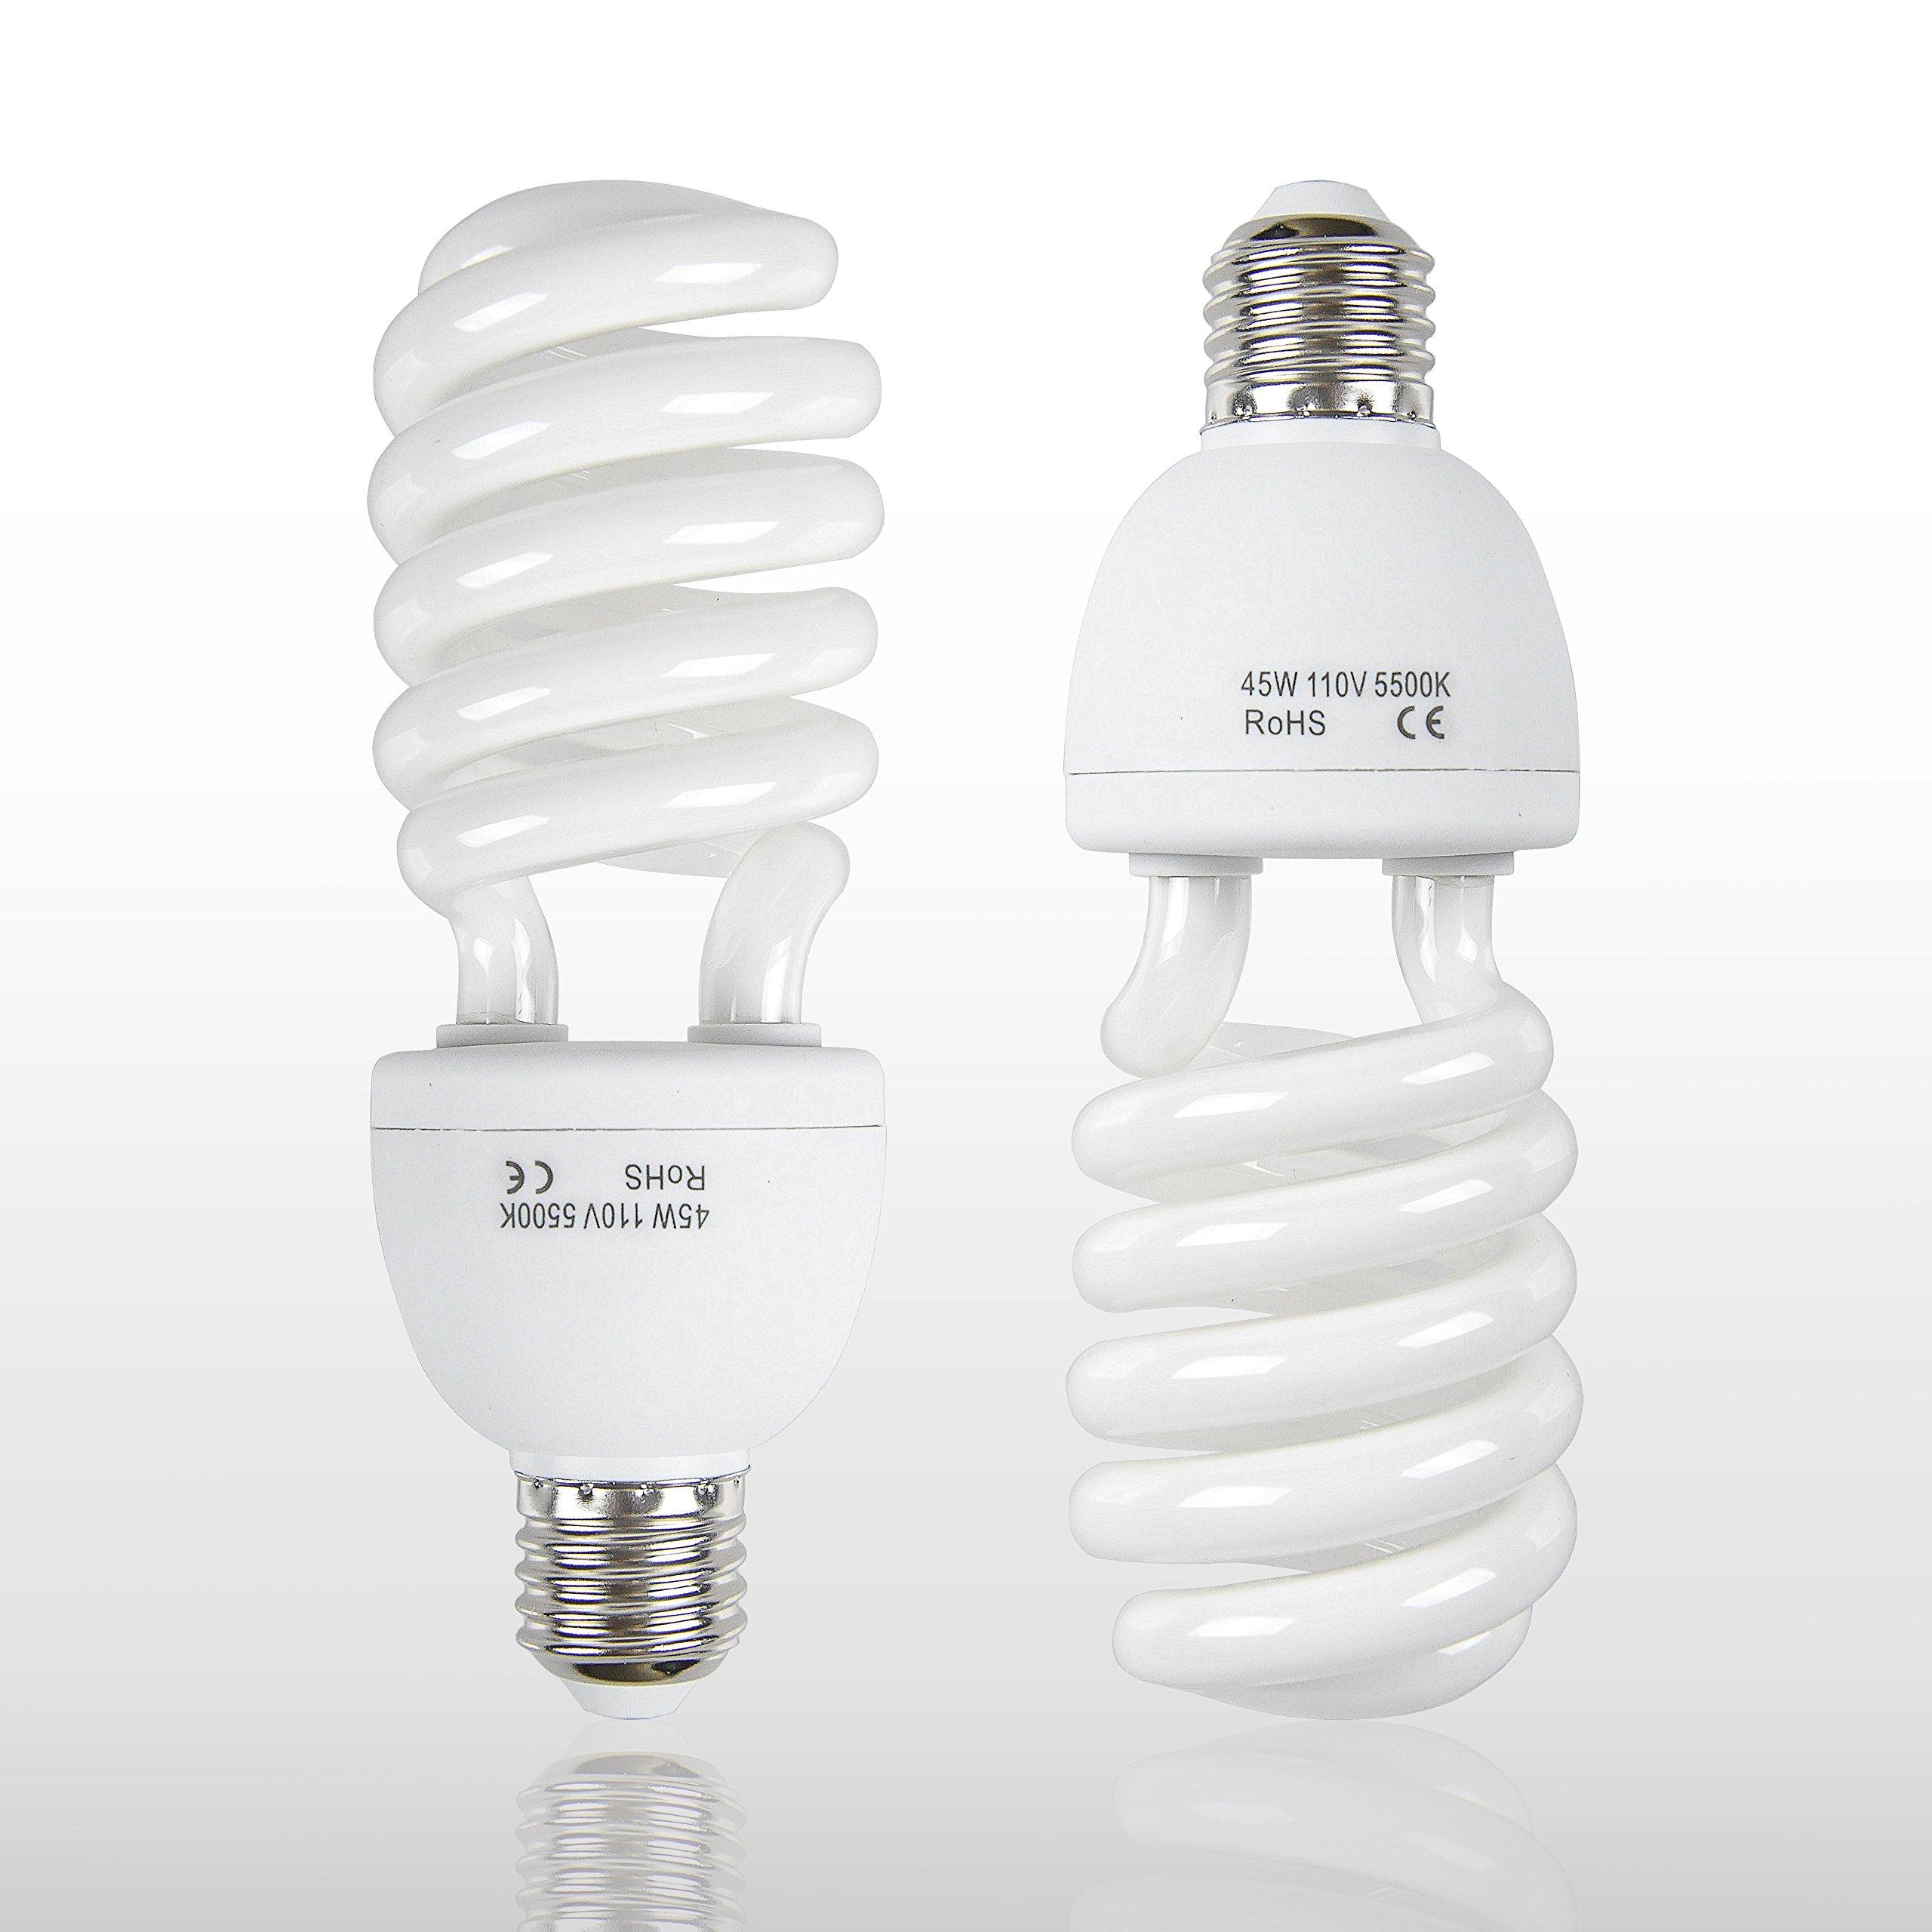 Emart Full Spectrum Light Bulb, 2 x 45W 5500K CFL Daylight for Photography Photo Video Studio Lighting by EMART